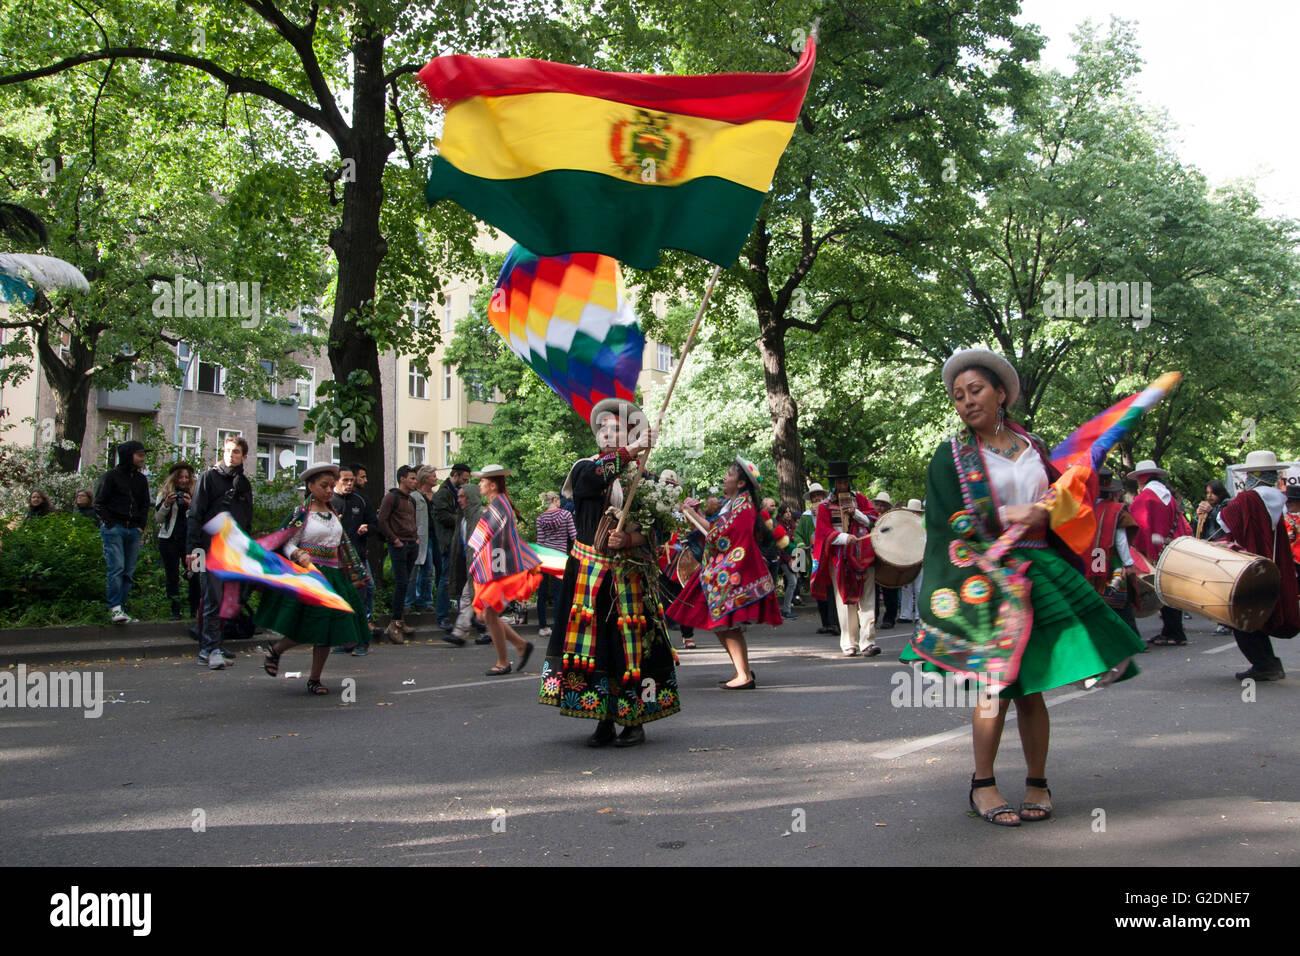 Carnaval de las Culturas. Berlín, Alemania. Imagen De Stock